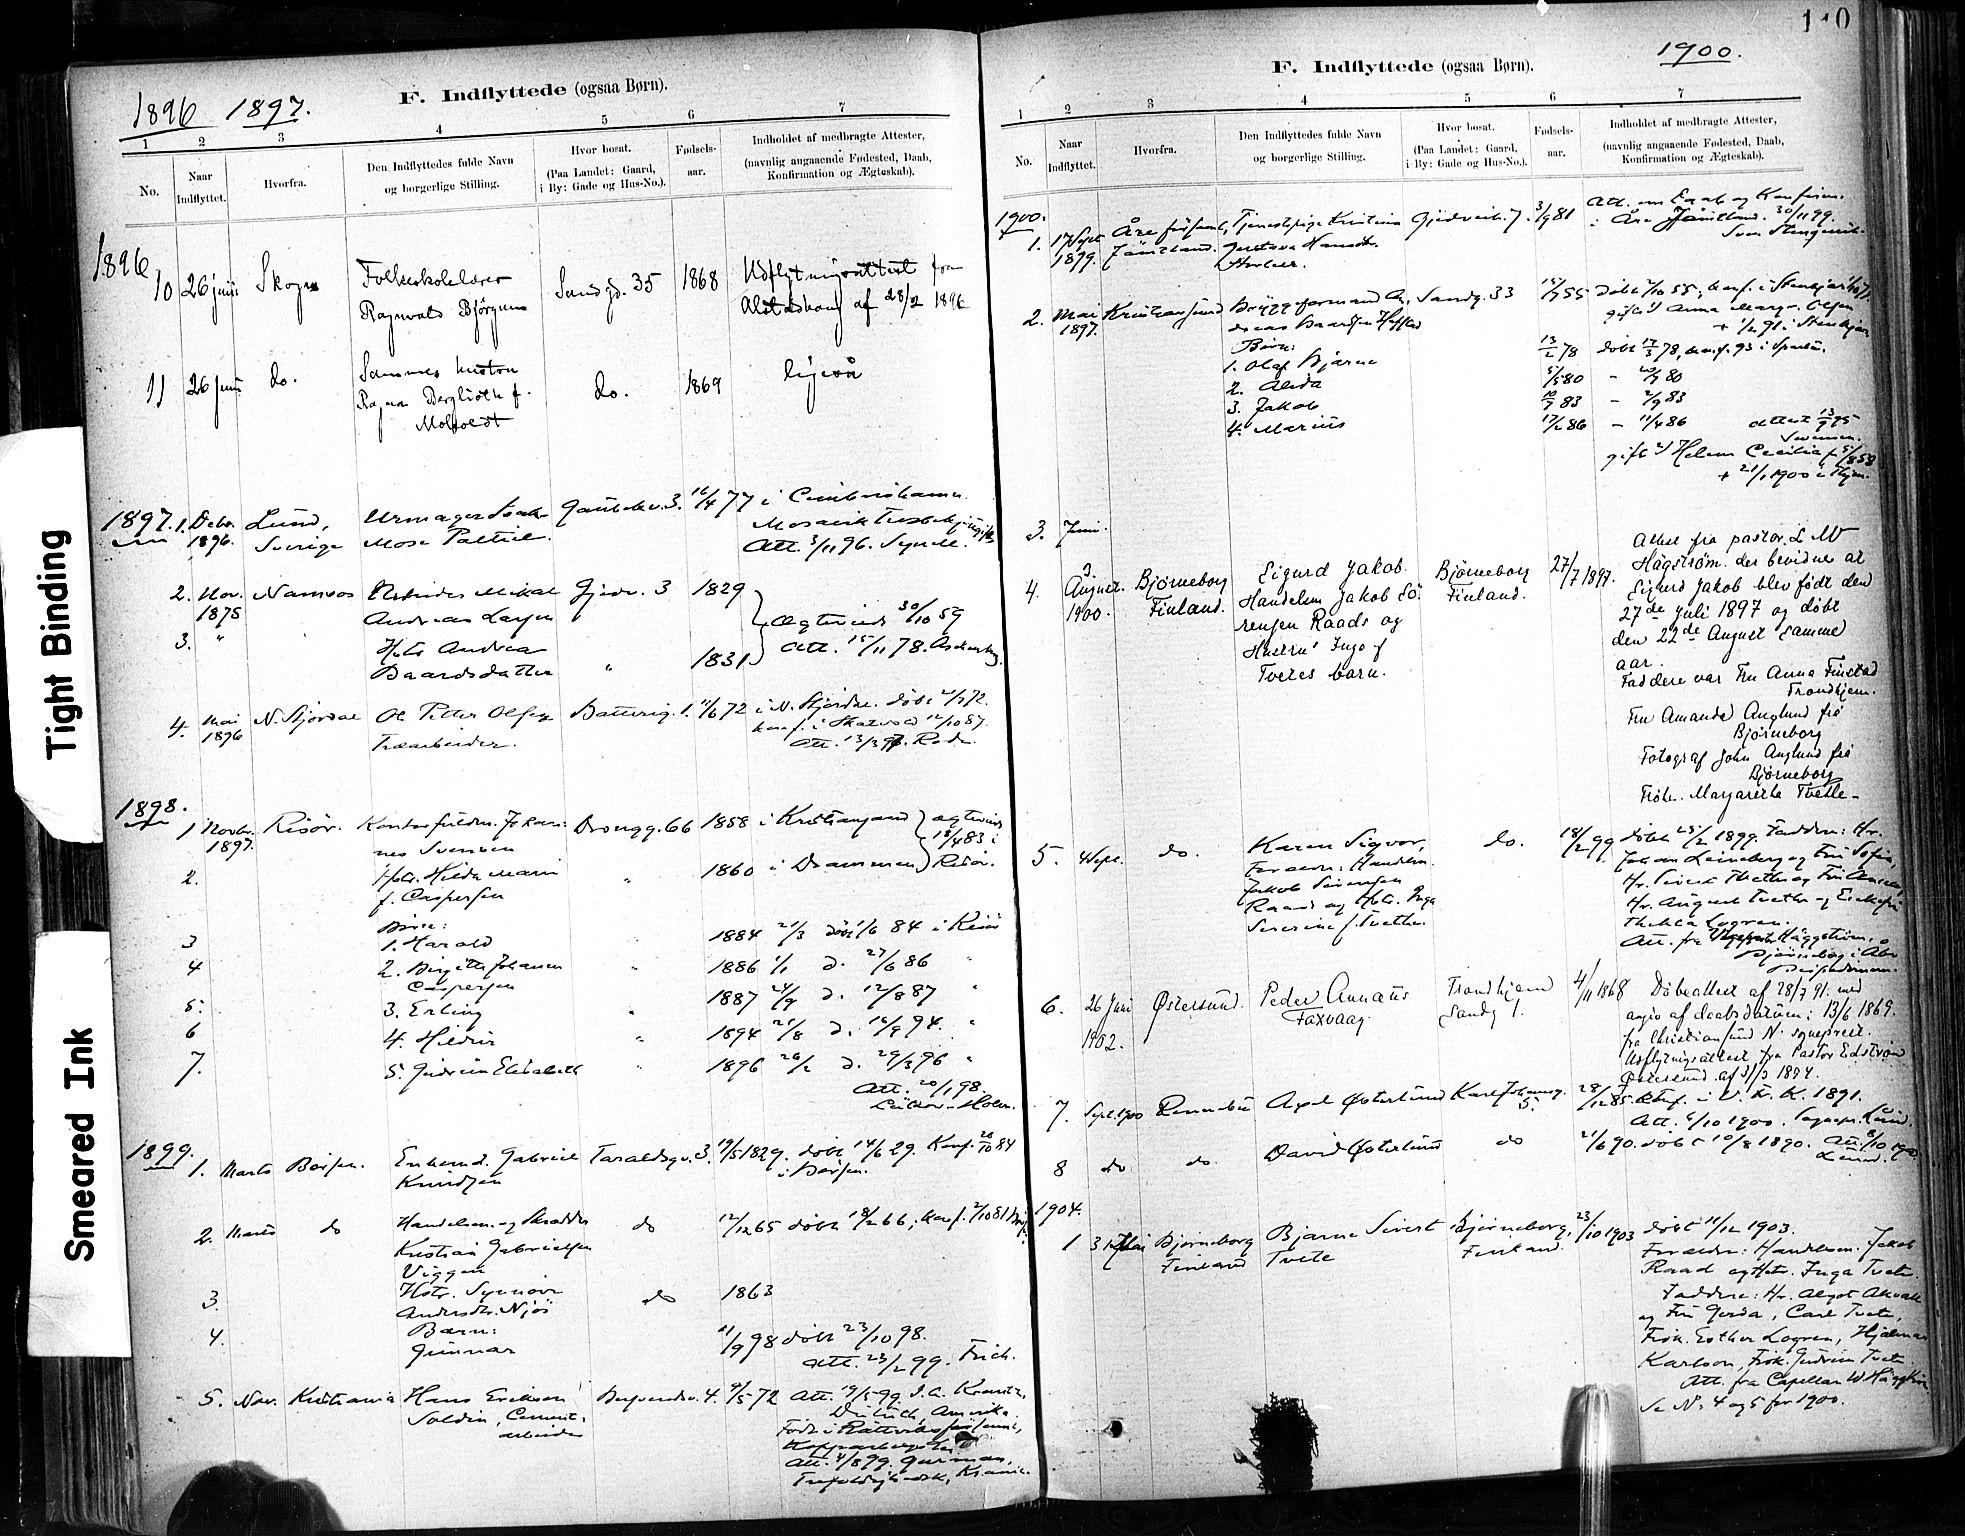 SAT, Ministerialprotokoller, klokkerbøker og fødselsregistre - Sør-Trøndelag, 602/L0120: Ministerialbok nr. 602A18, 1880-1913, s. 110